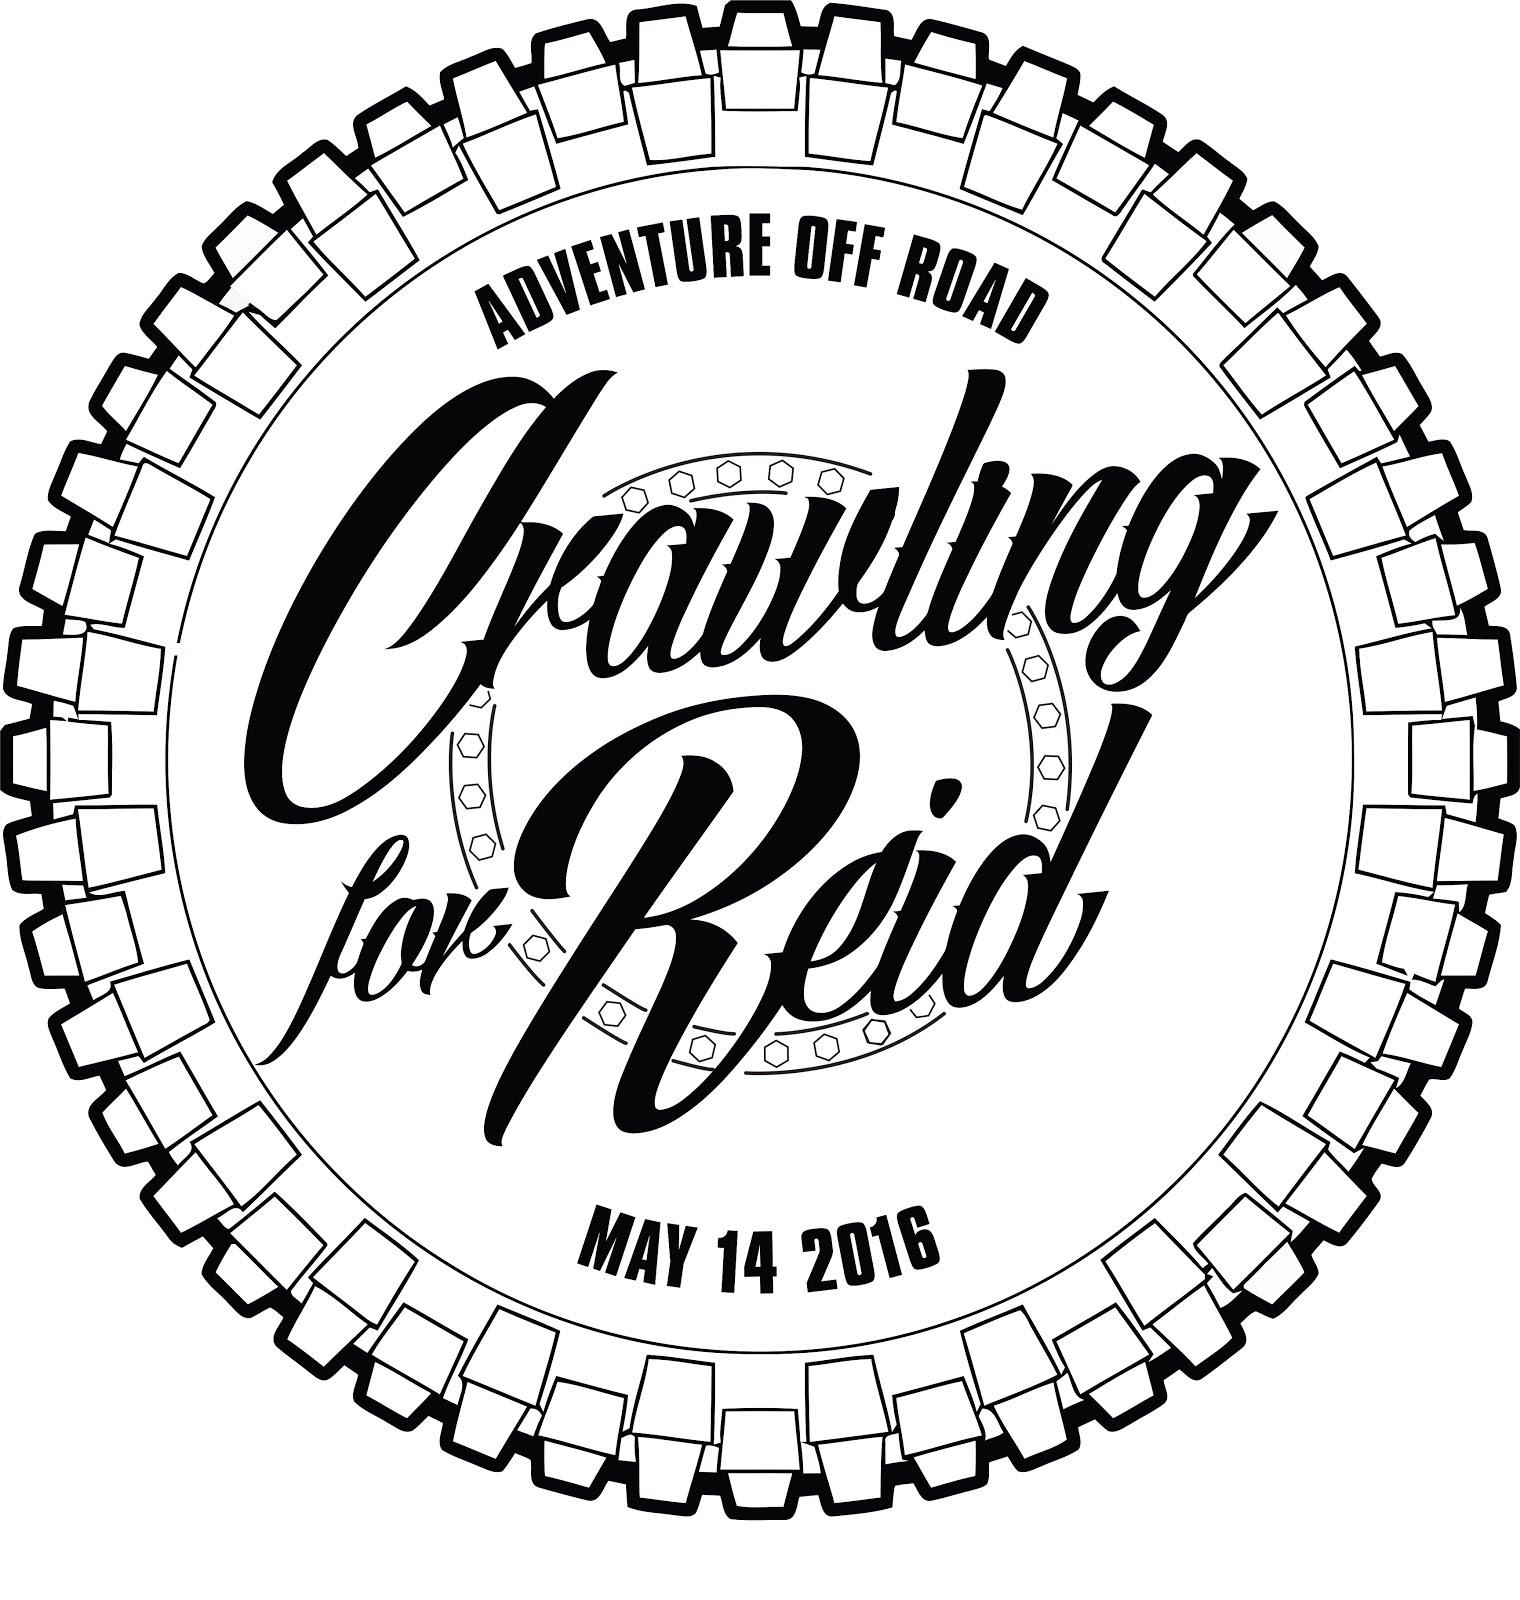 Crawling for Reid